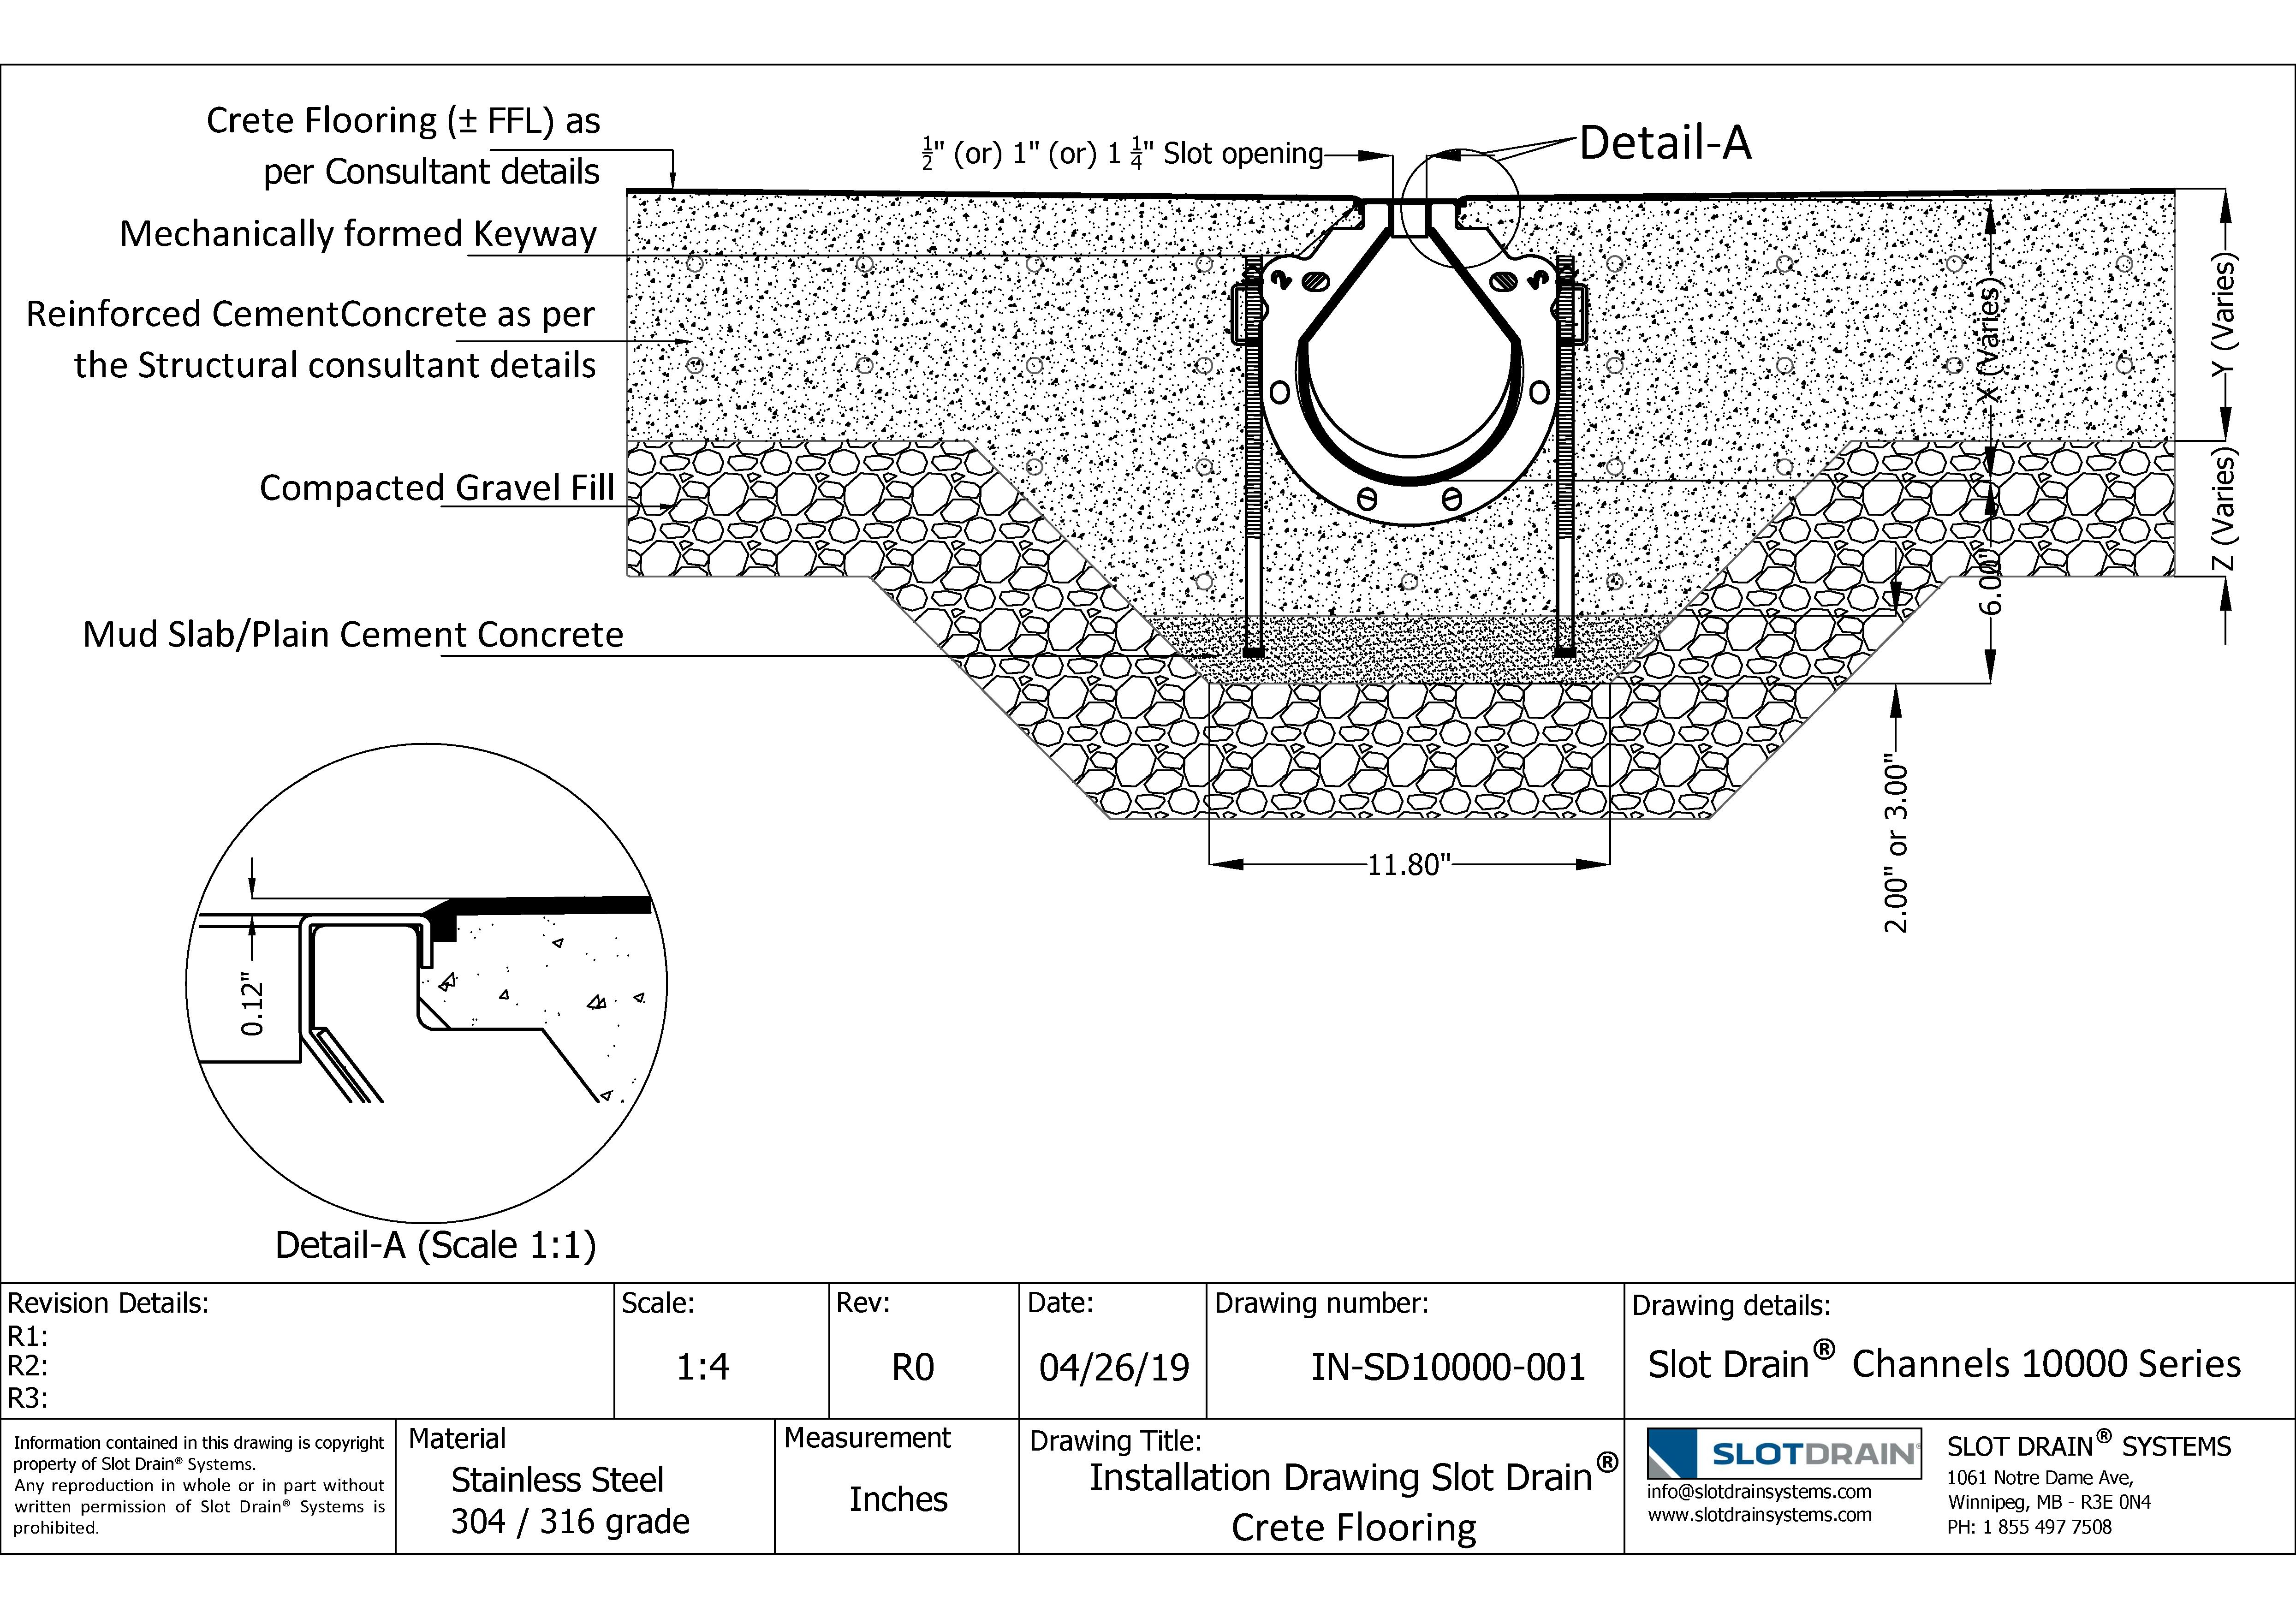 Slot drain-10000 Series Crete Flooring